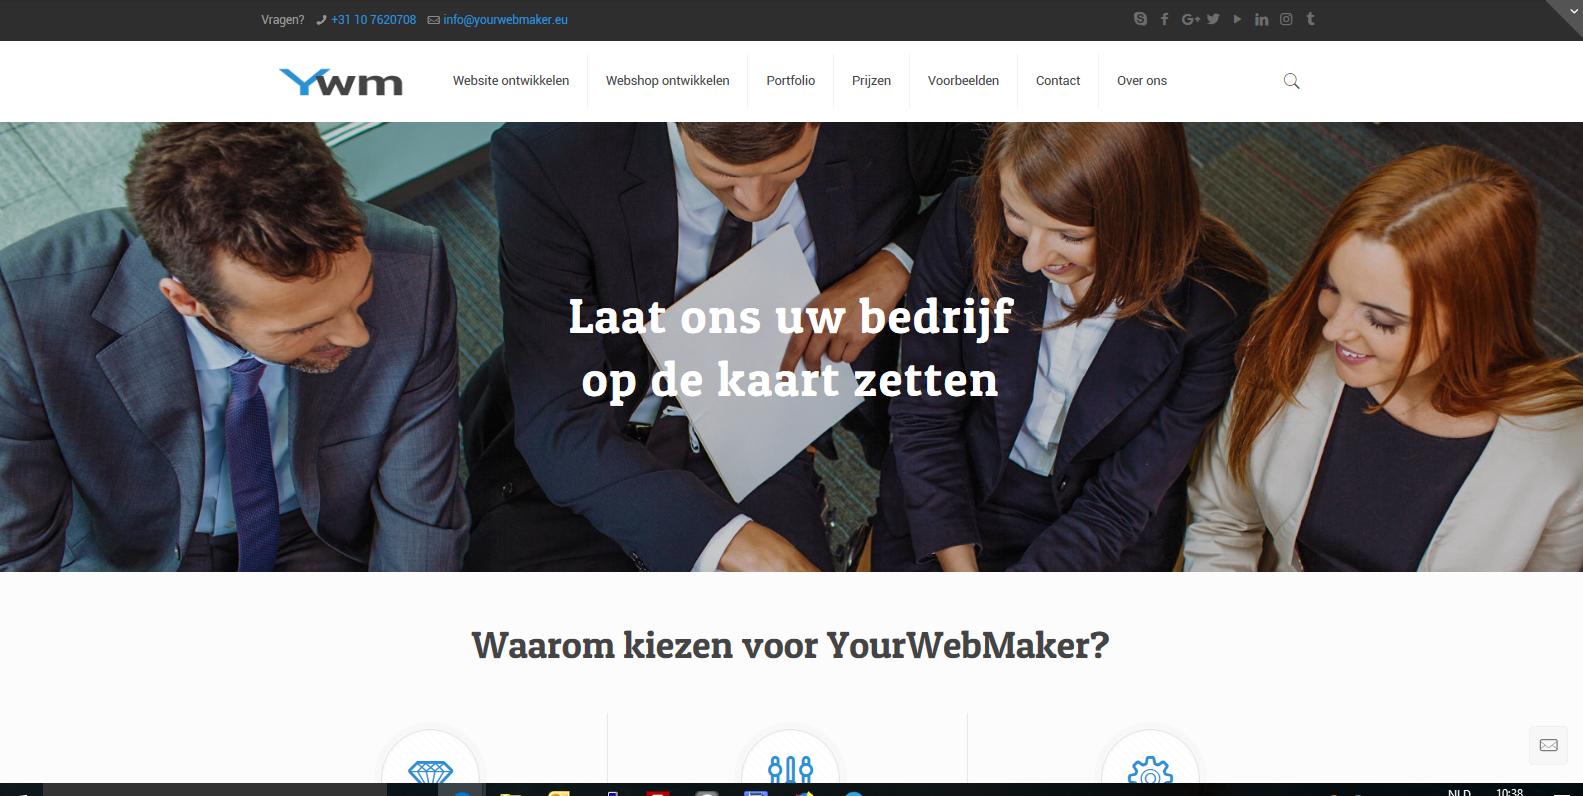 yourwebmaker.eu